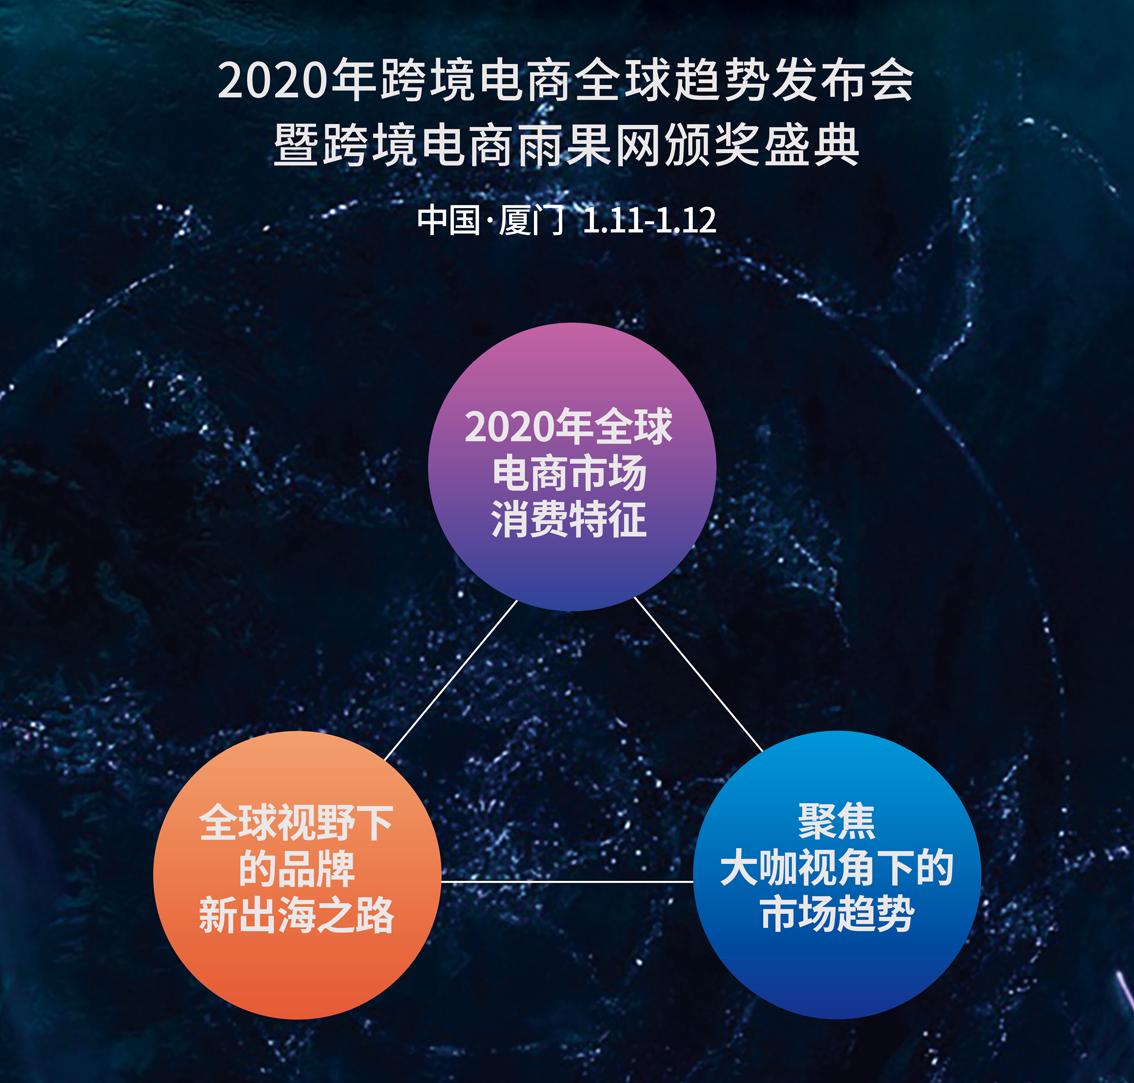 2020年跨境電商全球趨勢發布會(廈門)